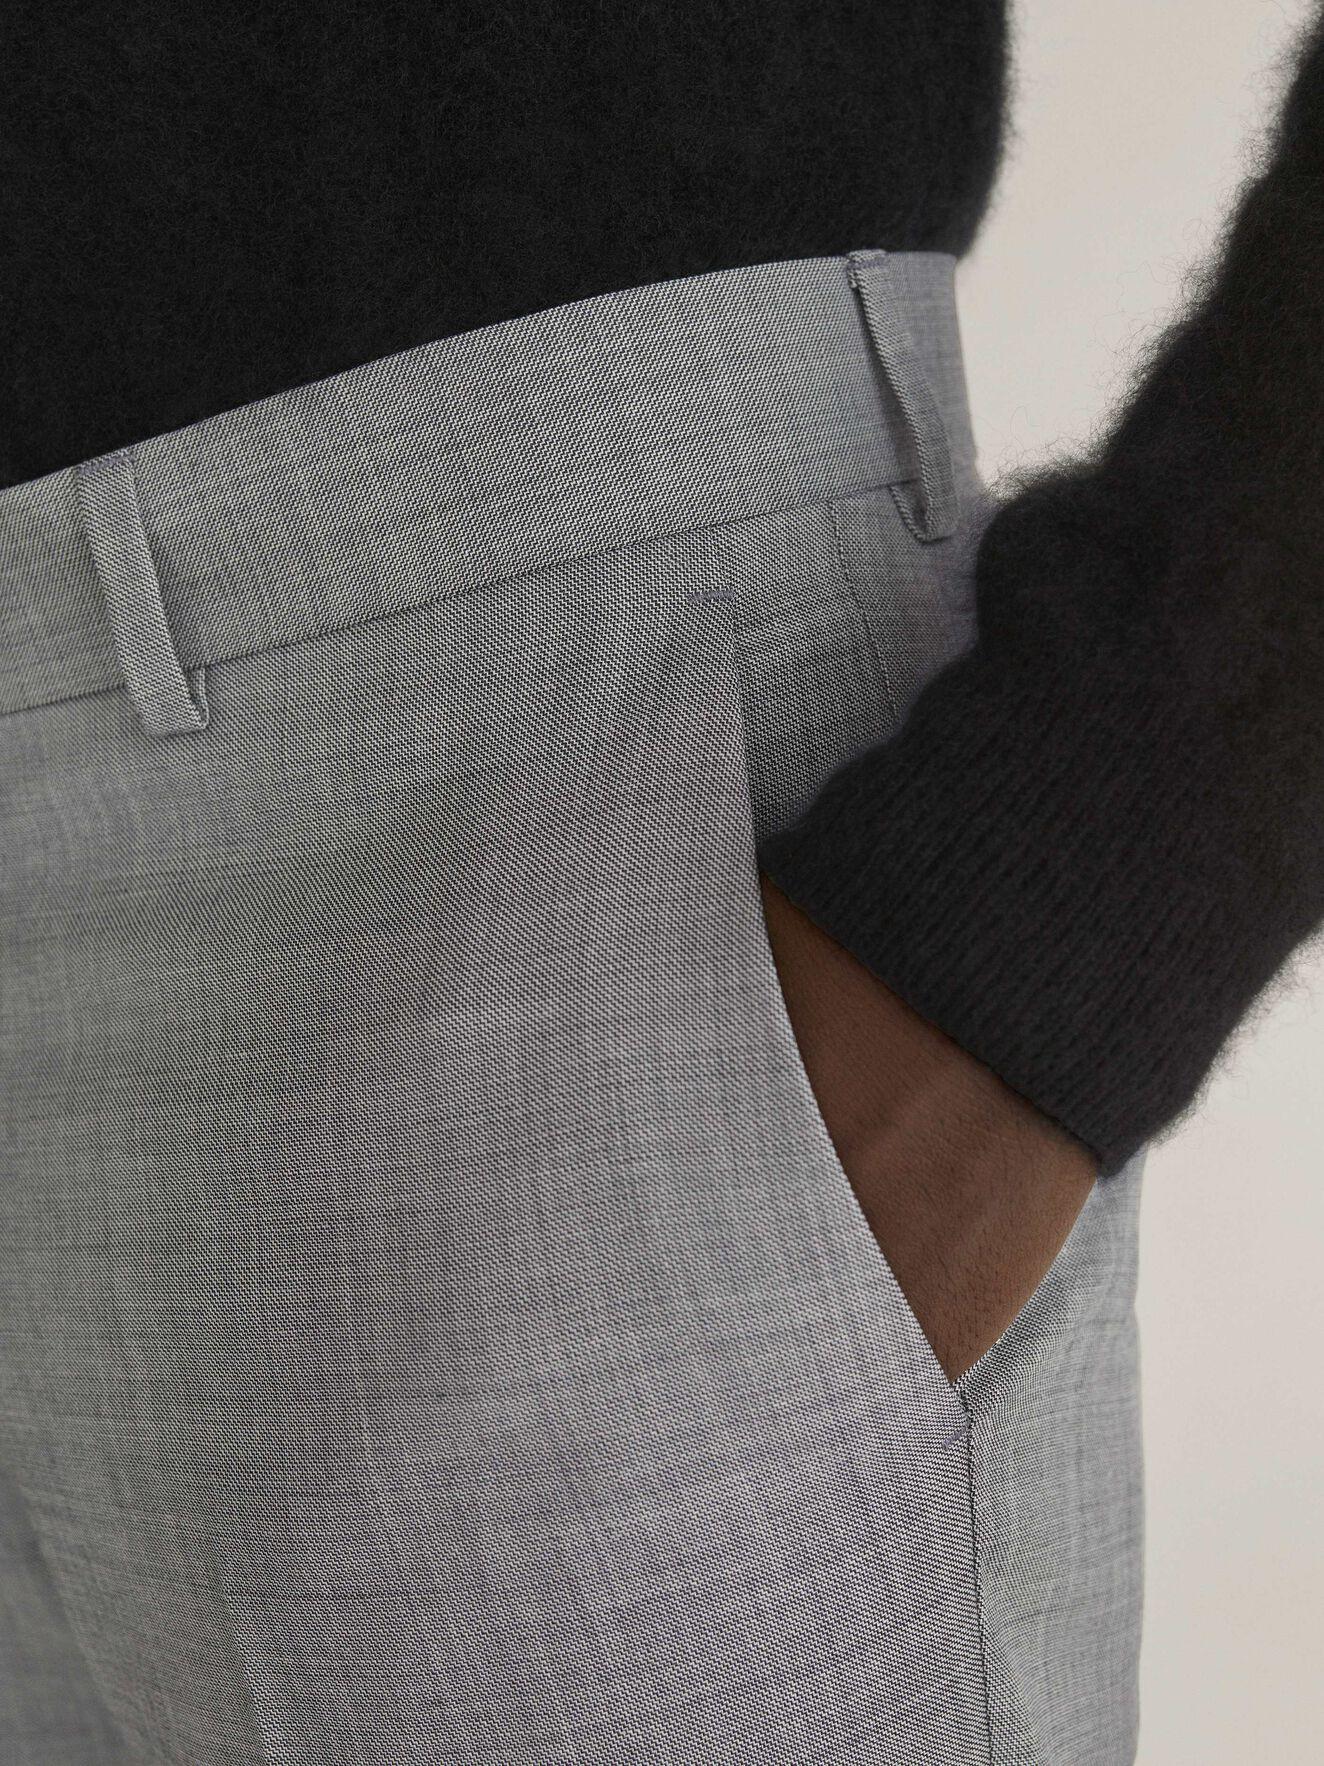 S.Jamonte Suit in Light grey melange from Tiger of Sweden